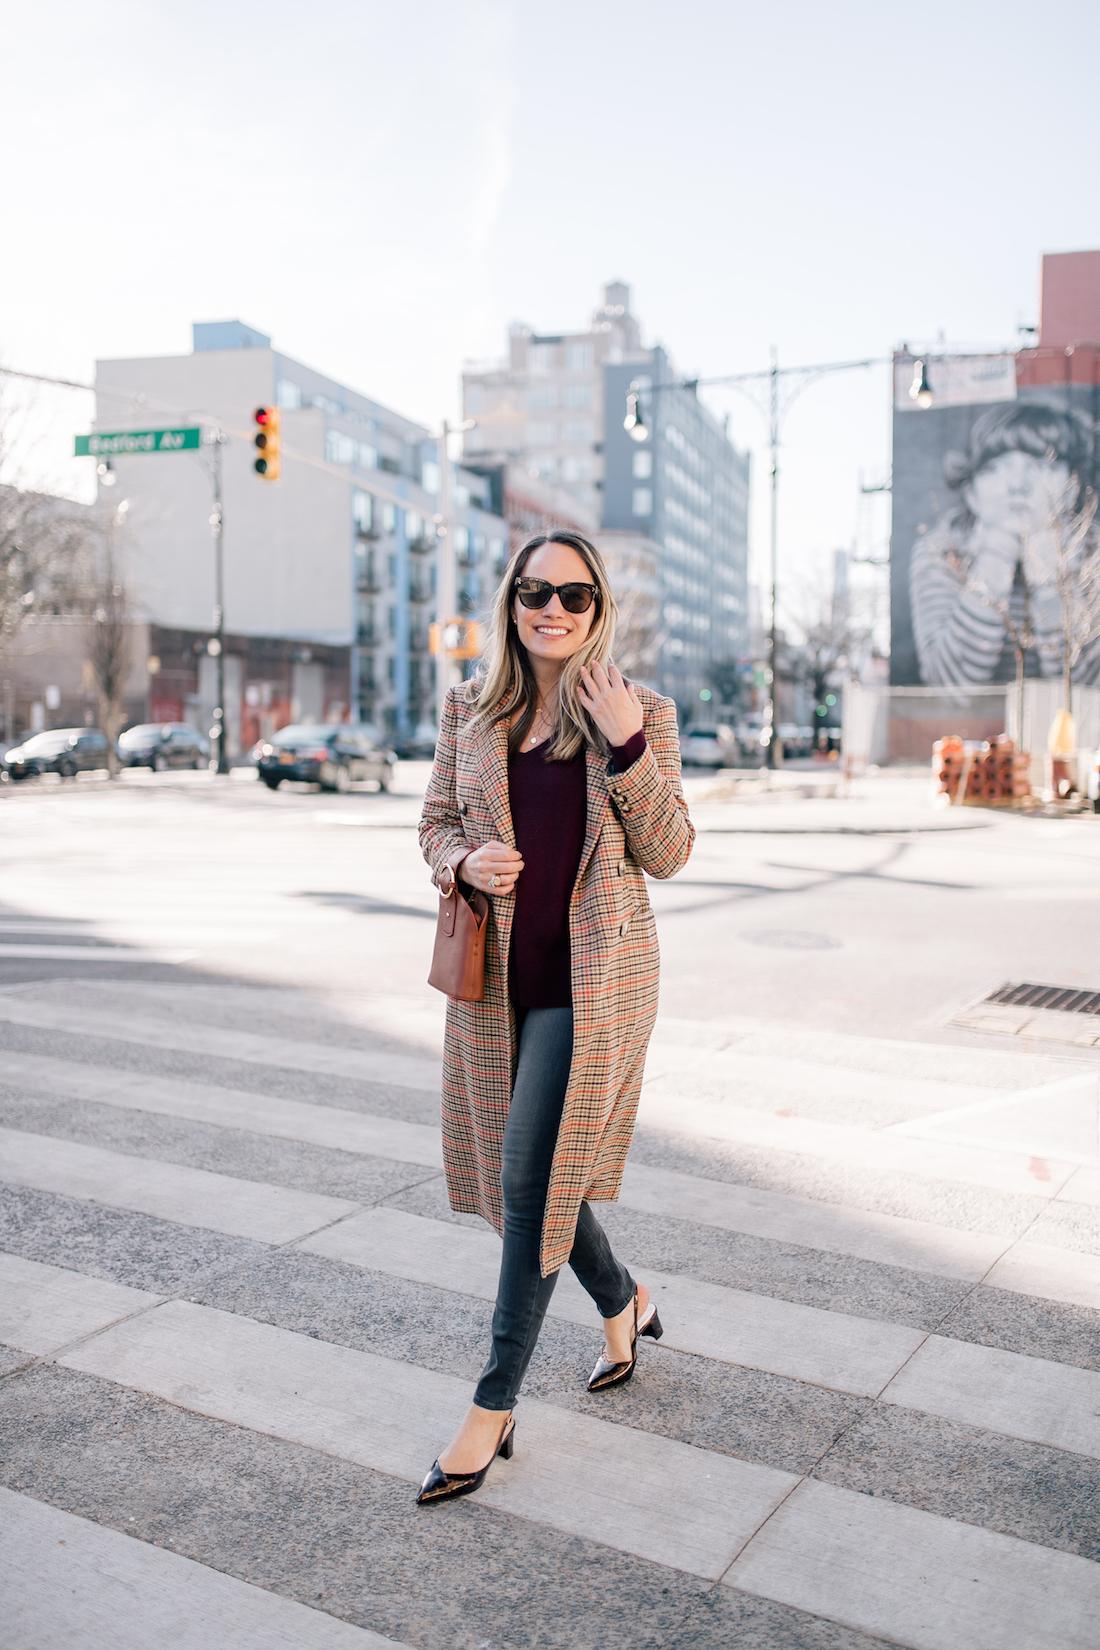 Grace's outfit details: Topshop Coat // Halogen Cashmere Sweater // Paige Jeans // gifted Sarah Flint Tortoise Slingbacks // Estee Lalonde x Daisy Jewellery Necklaces // Parisa Wang Bracelet Bag